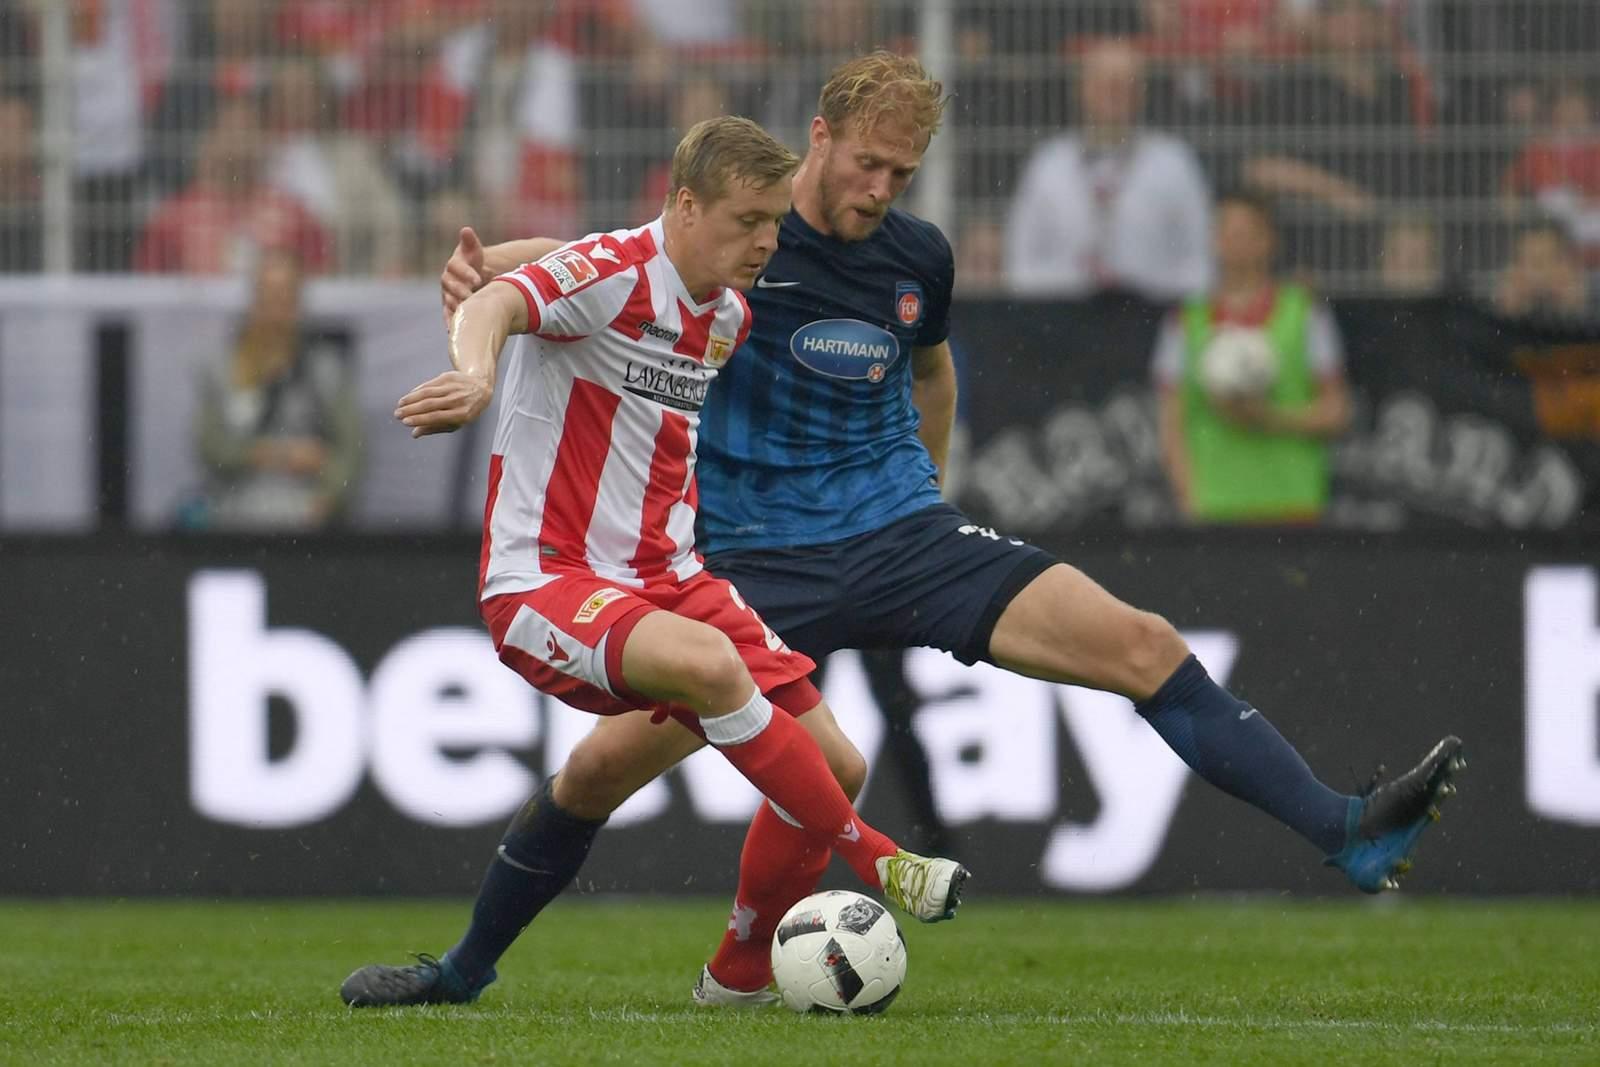 Kann Sebastian Griesbeck Felix Kroos stoppen? Jetzt auf Union Berlin gegen Heidenheim wetten.